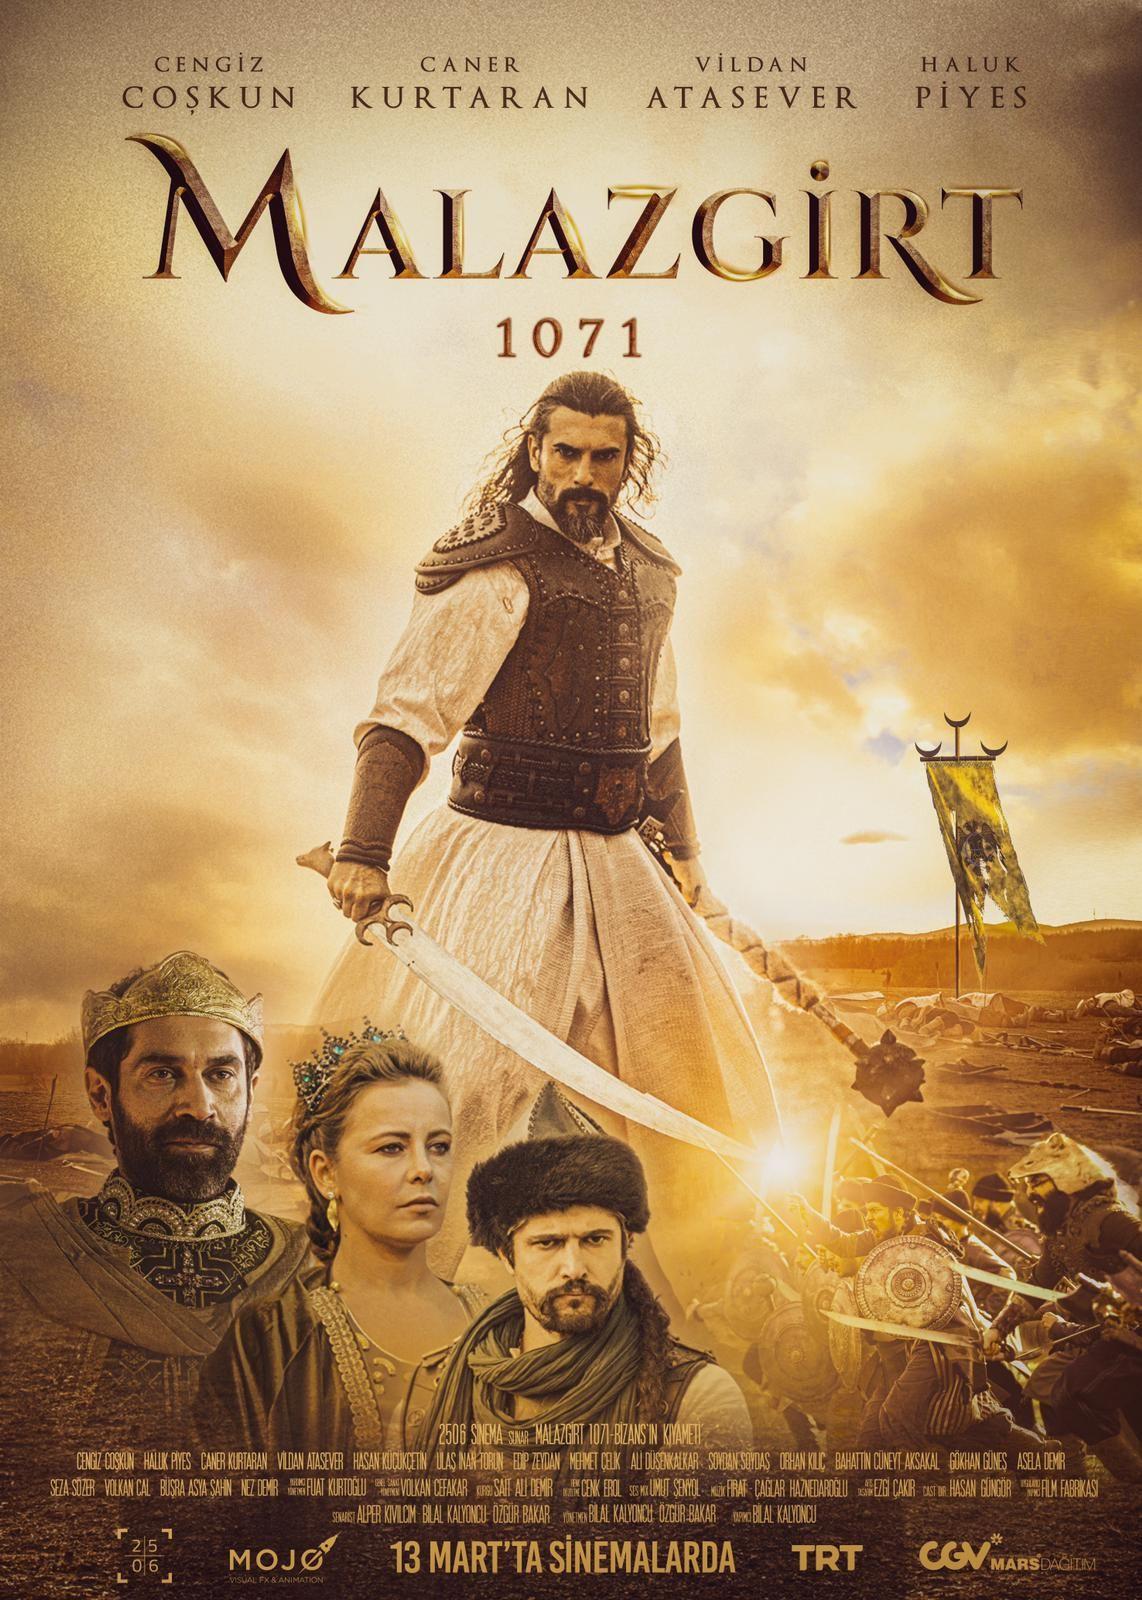 TRT ortak yapımı Malazgirt 1071 vizyona giriyor! - Sayfa:2